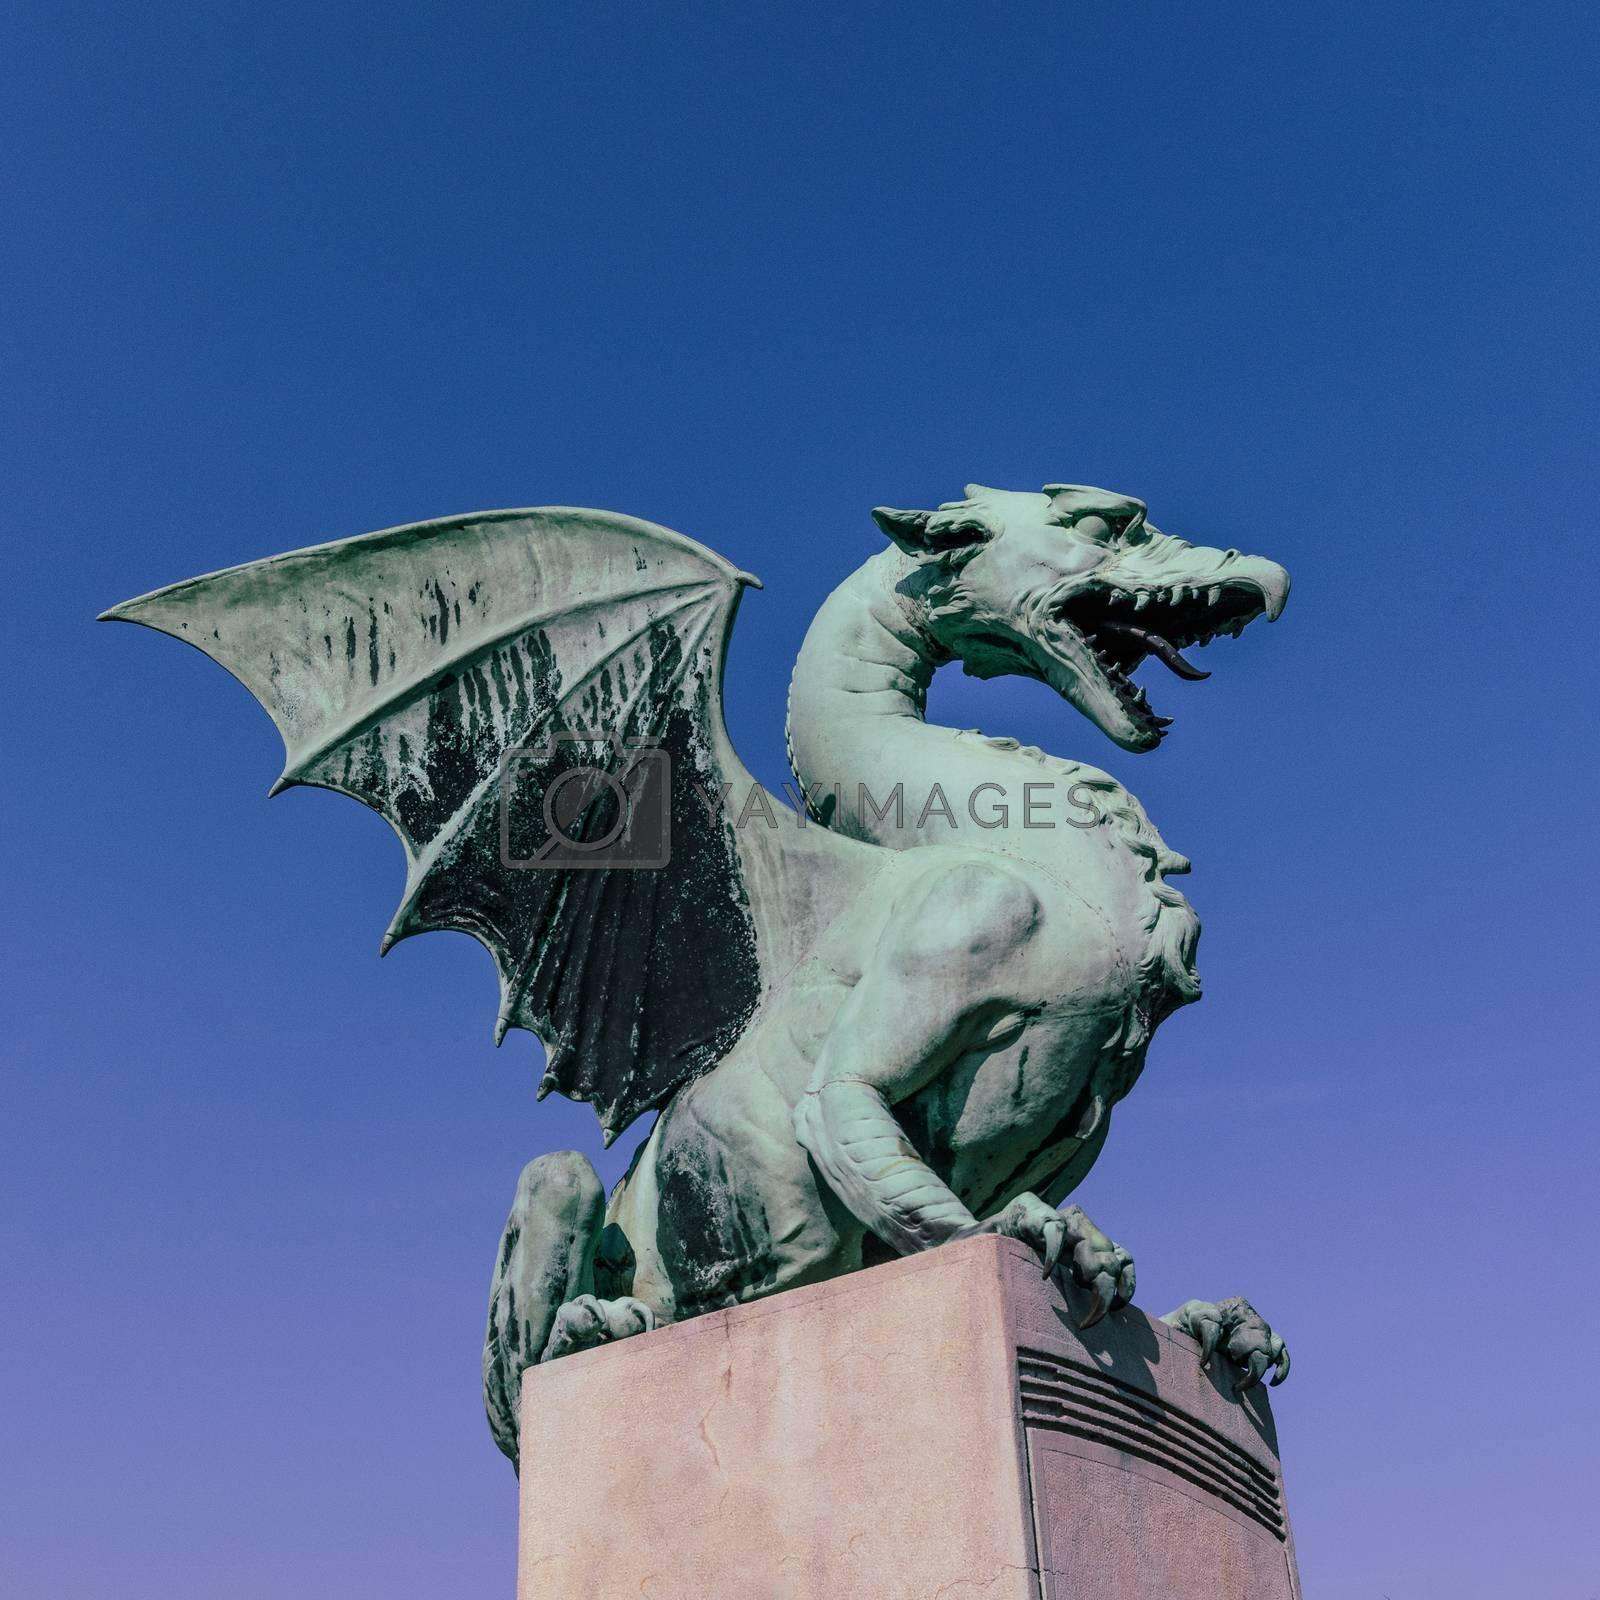 The Dragon Bridge in Ljubljana by brambillasimone